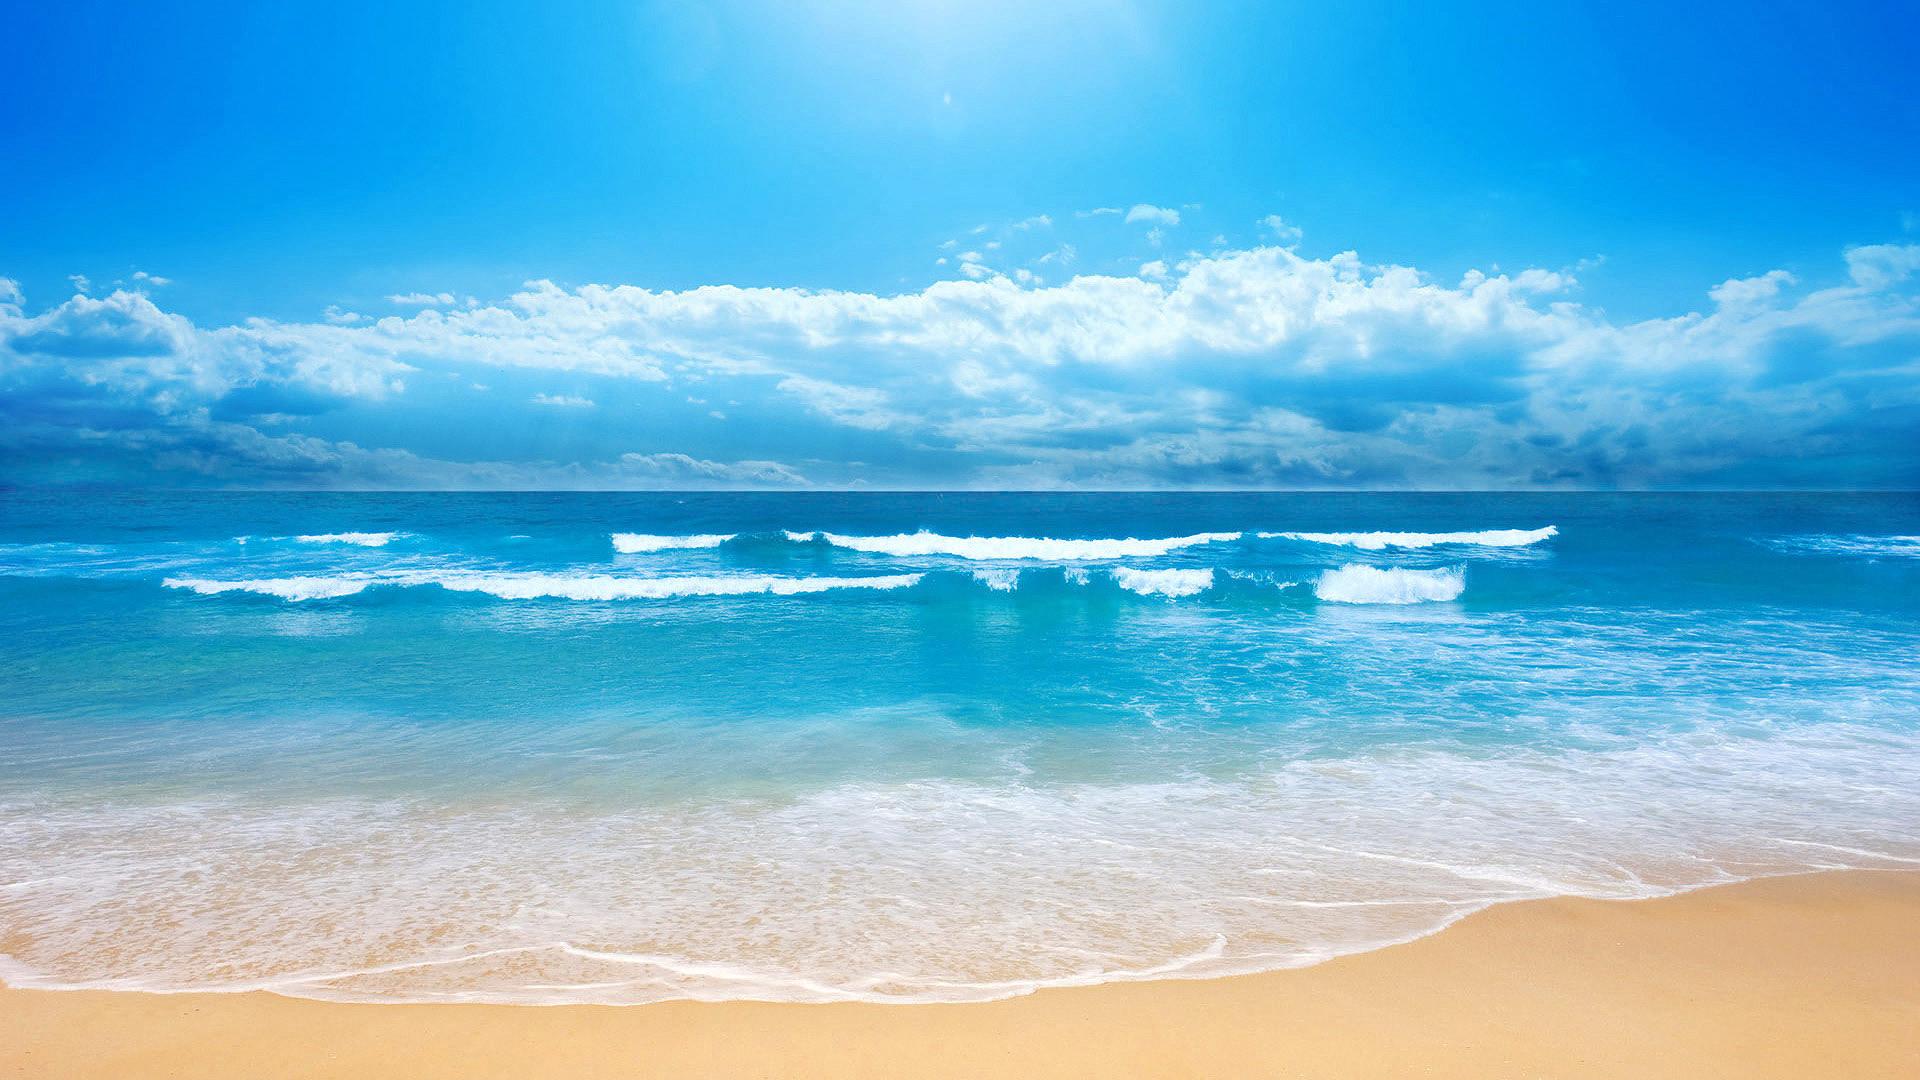 Sfondi di mare 55 immagini for Foto per desktop gratis mare